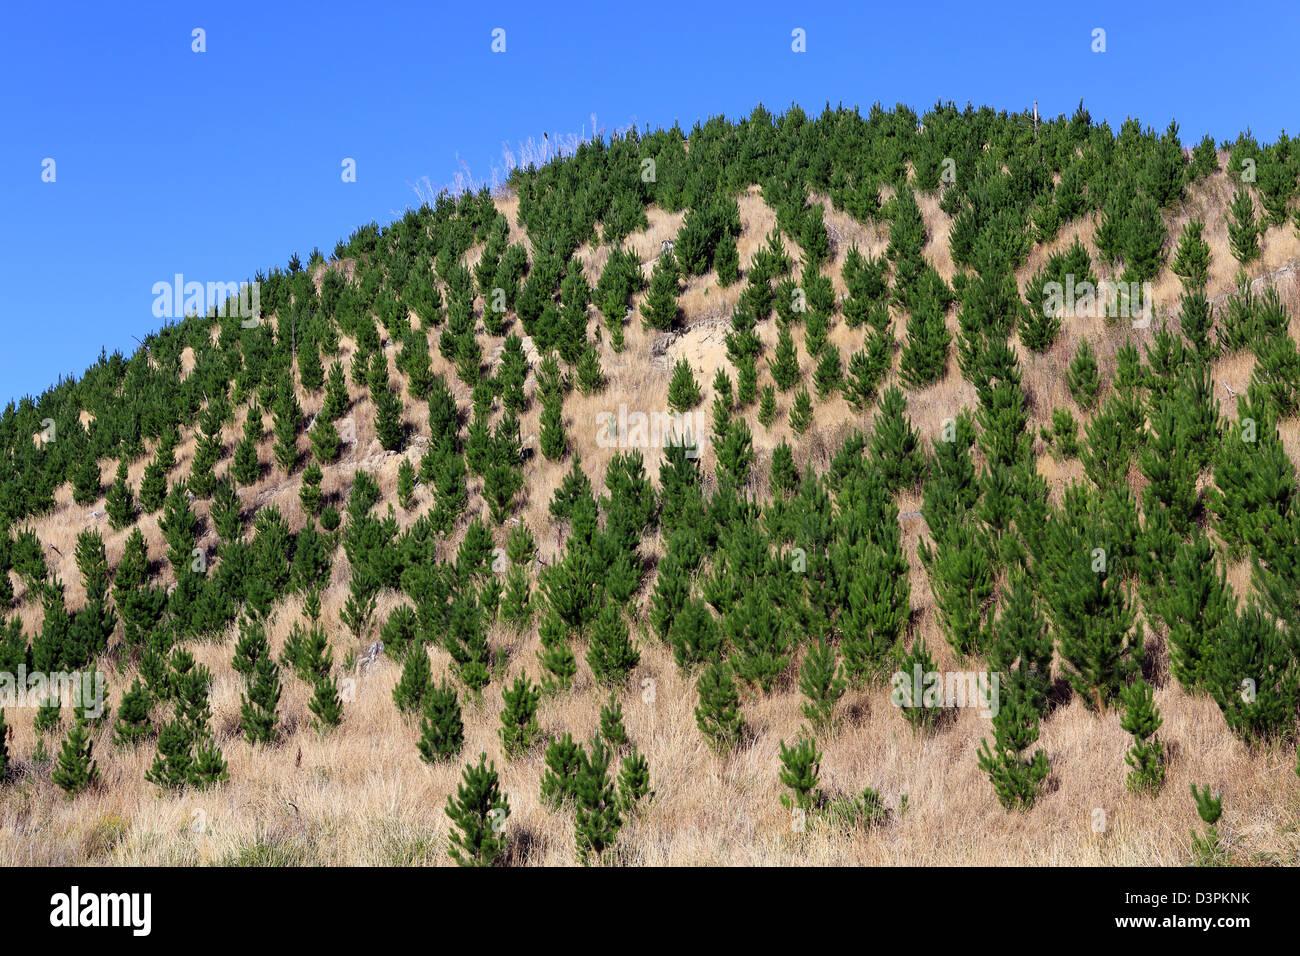 Junge Kiefern wachsen in Forstwirtschaft block Stockbild